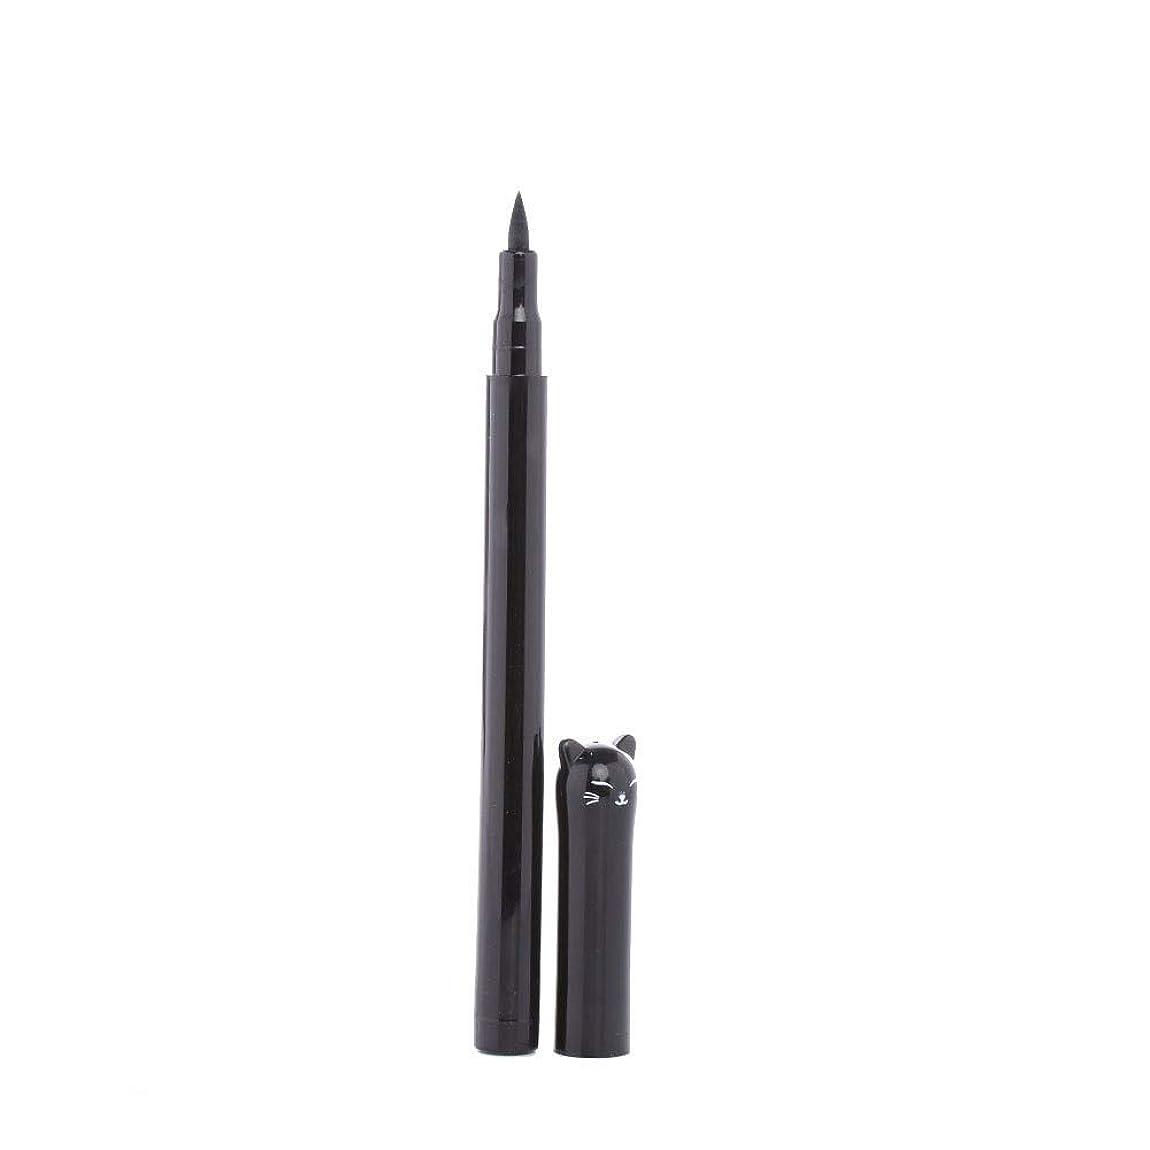 処方組み込む空のSemperole - 1PC NEWビューティーキャットスタイルブラック長持ち防水リキッドアイライナーアイライナーペン鉛筆メイクアップ化粧品ツール